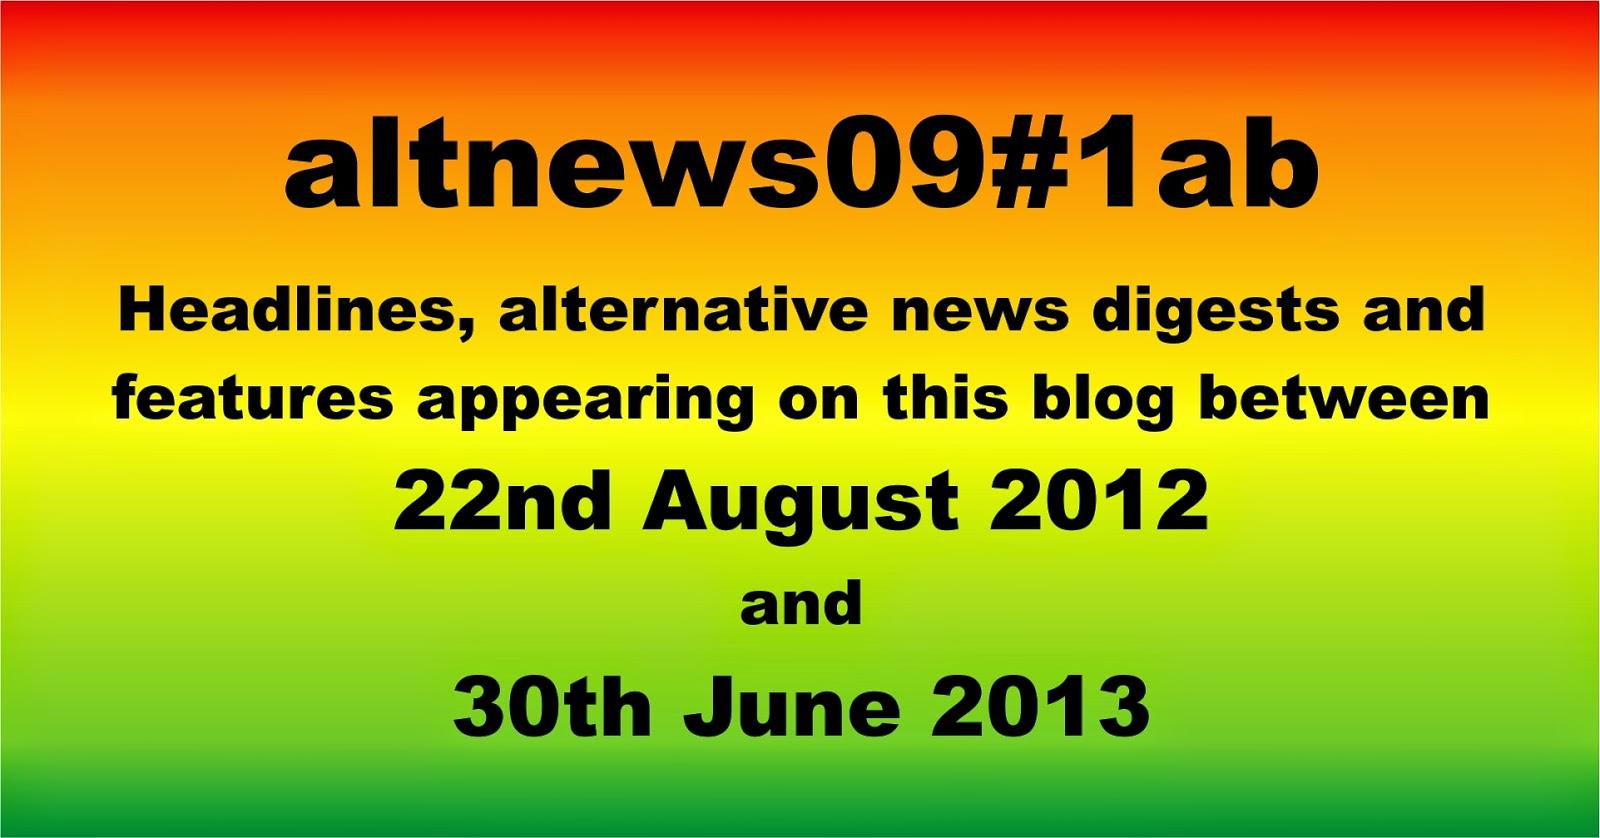 http://alcuinbramerton.blogspot.com/2012/11/httpalcuinbramerton.html